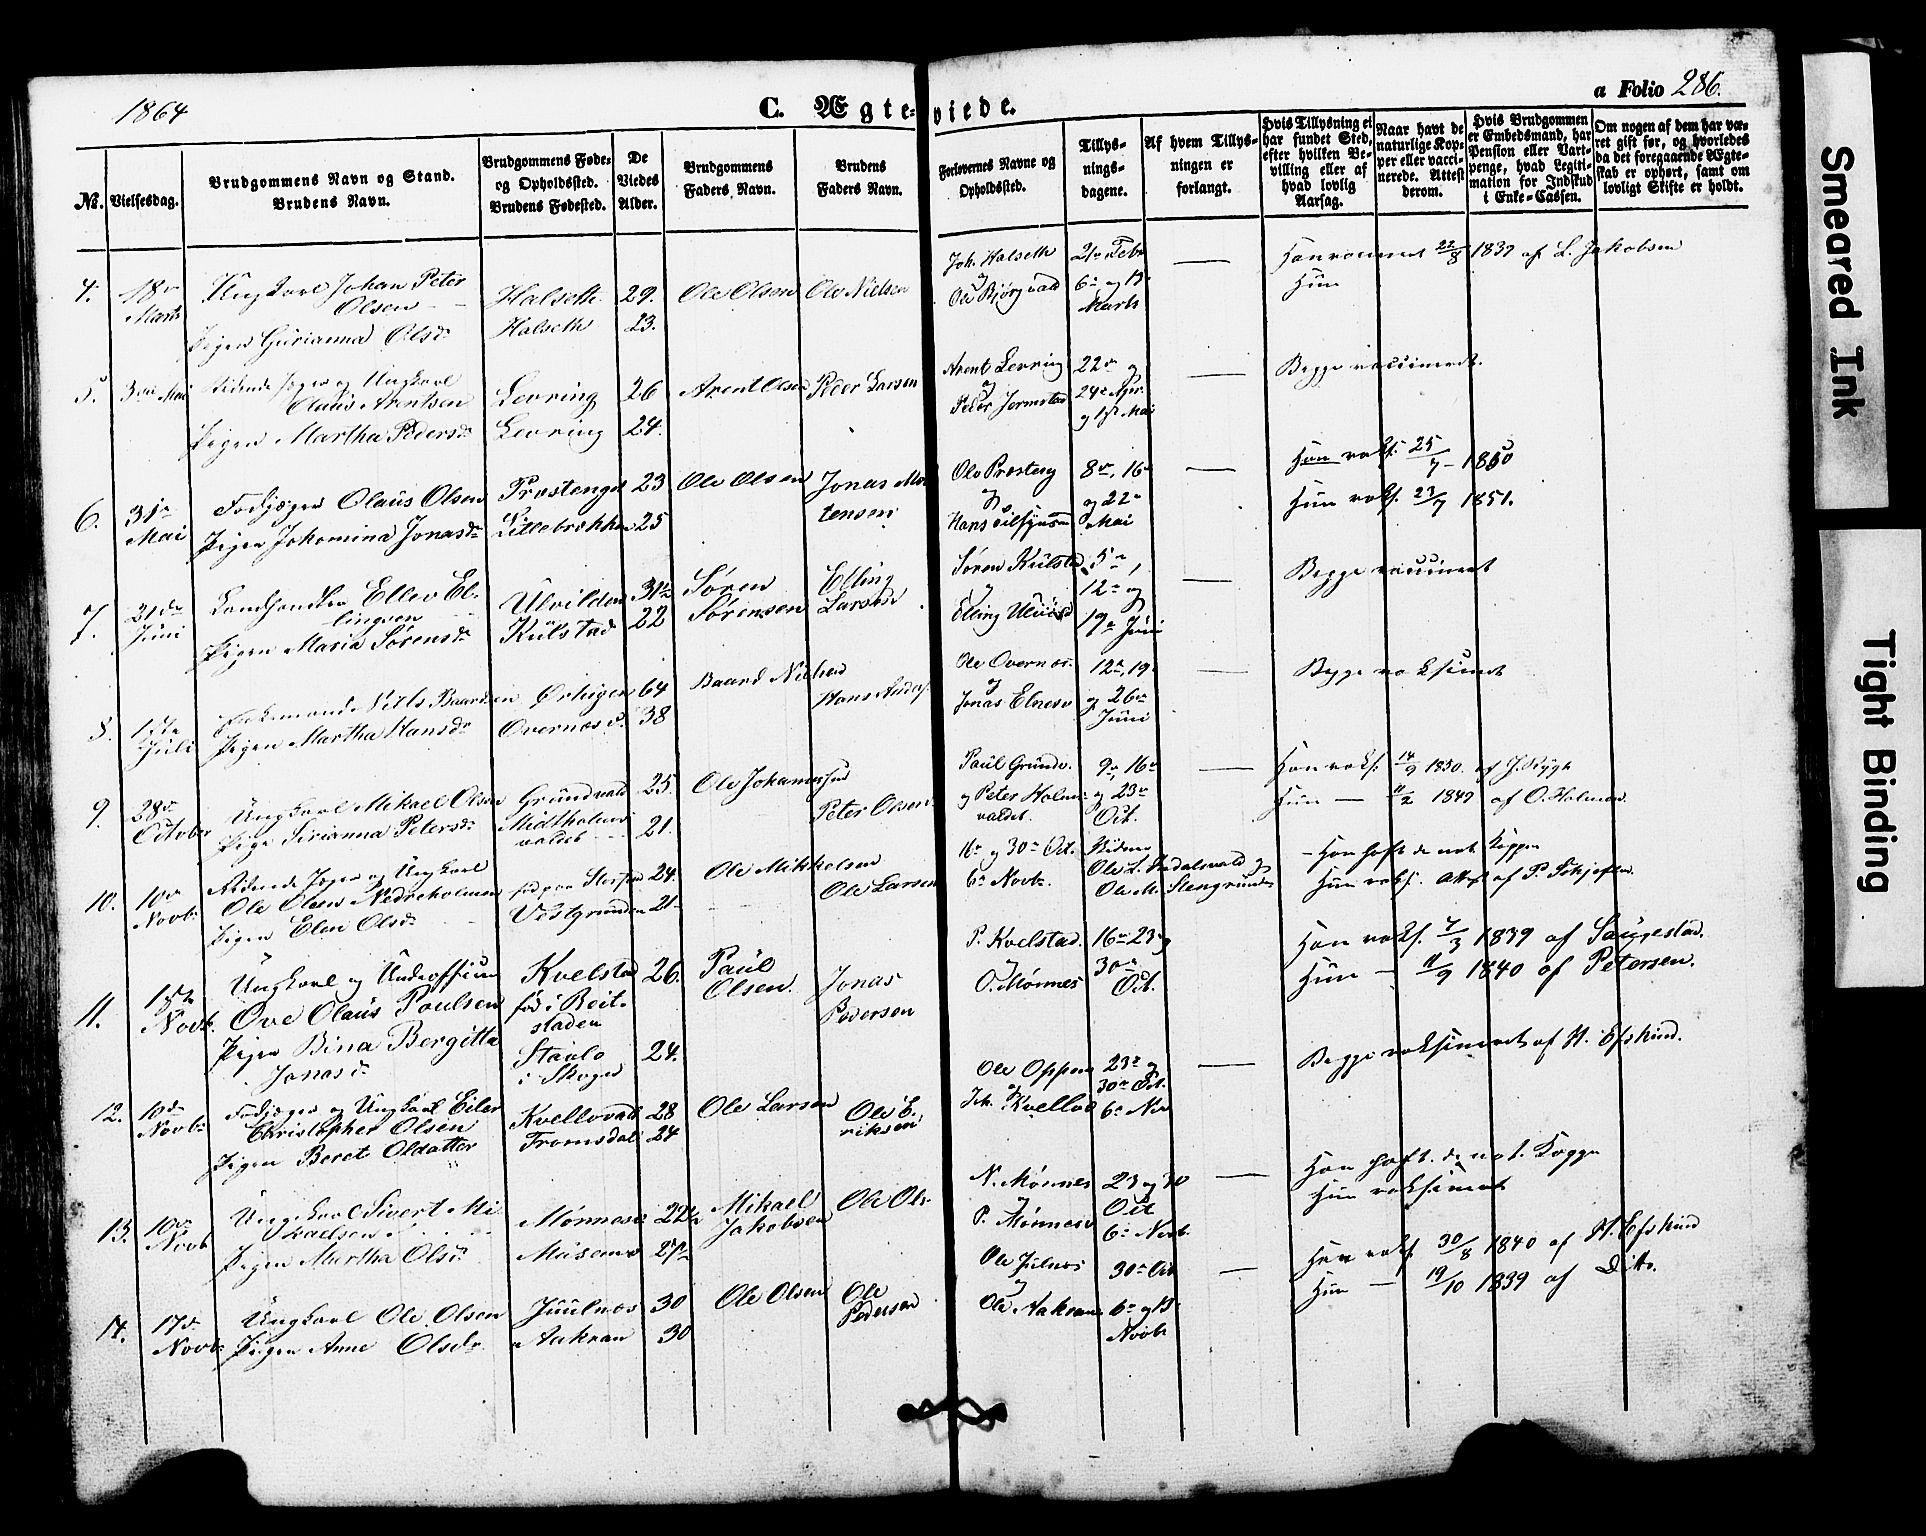 SAT, Ministerialprotokoller, klokkerbøker og fødselsregistre - Nord-Trøndelag, 724/L0268: Klokkerbok nr. 724C04, 1846-1878, s. 286